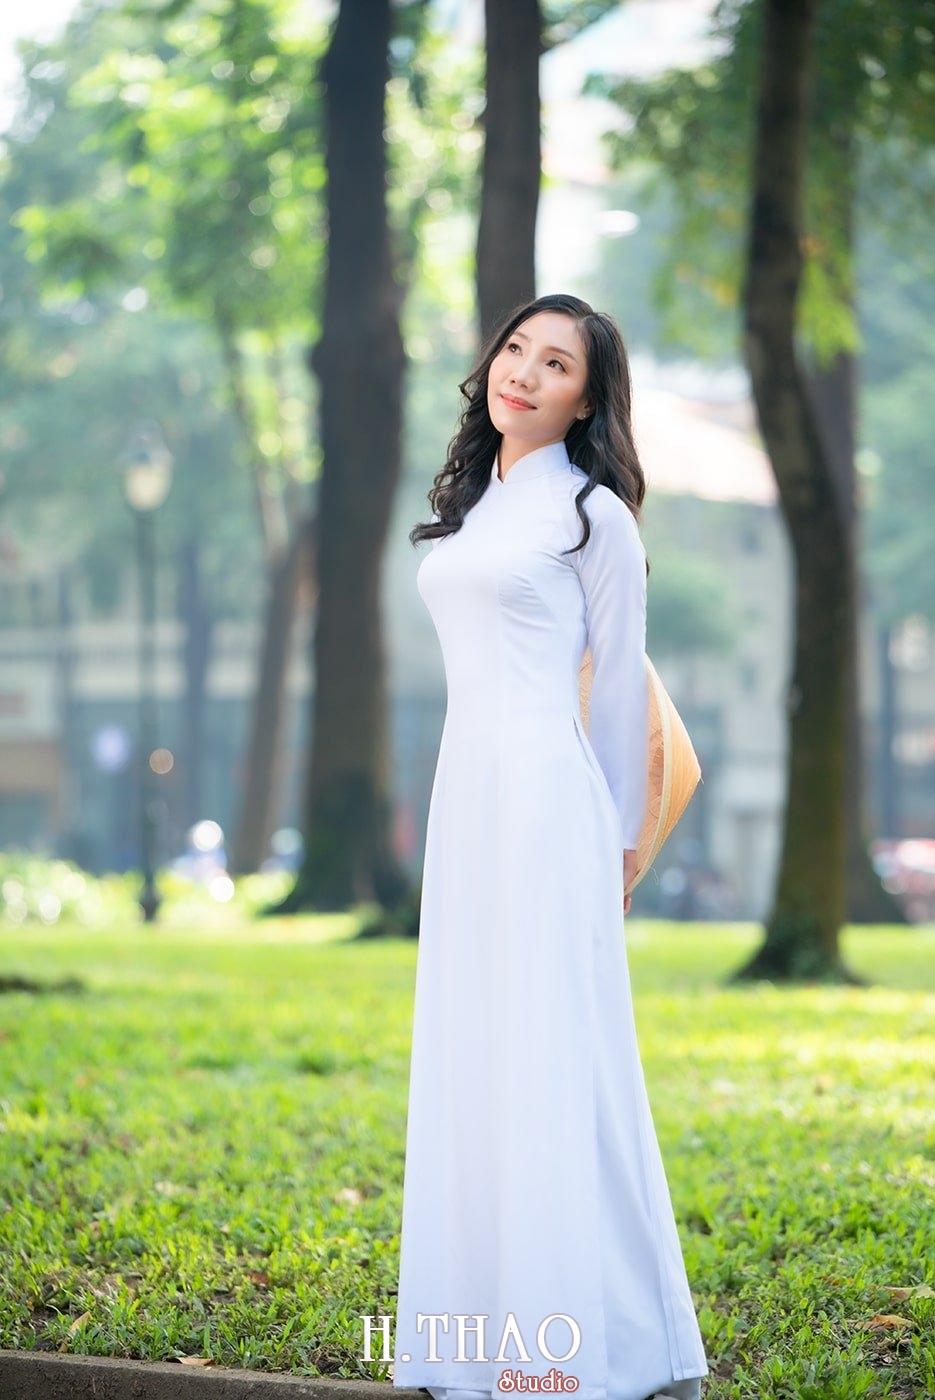 Ao dai nha tho duc ba 10 1 - Tổng hợp album ảnh áo dài chụp tại nhà thờ Đức Bà - HThao Studio